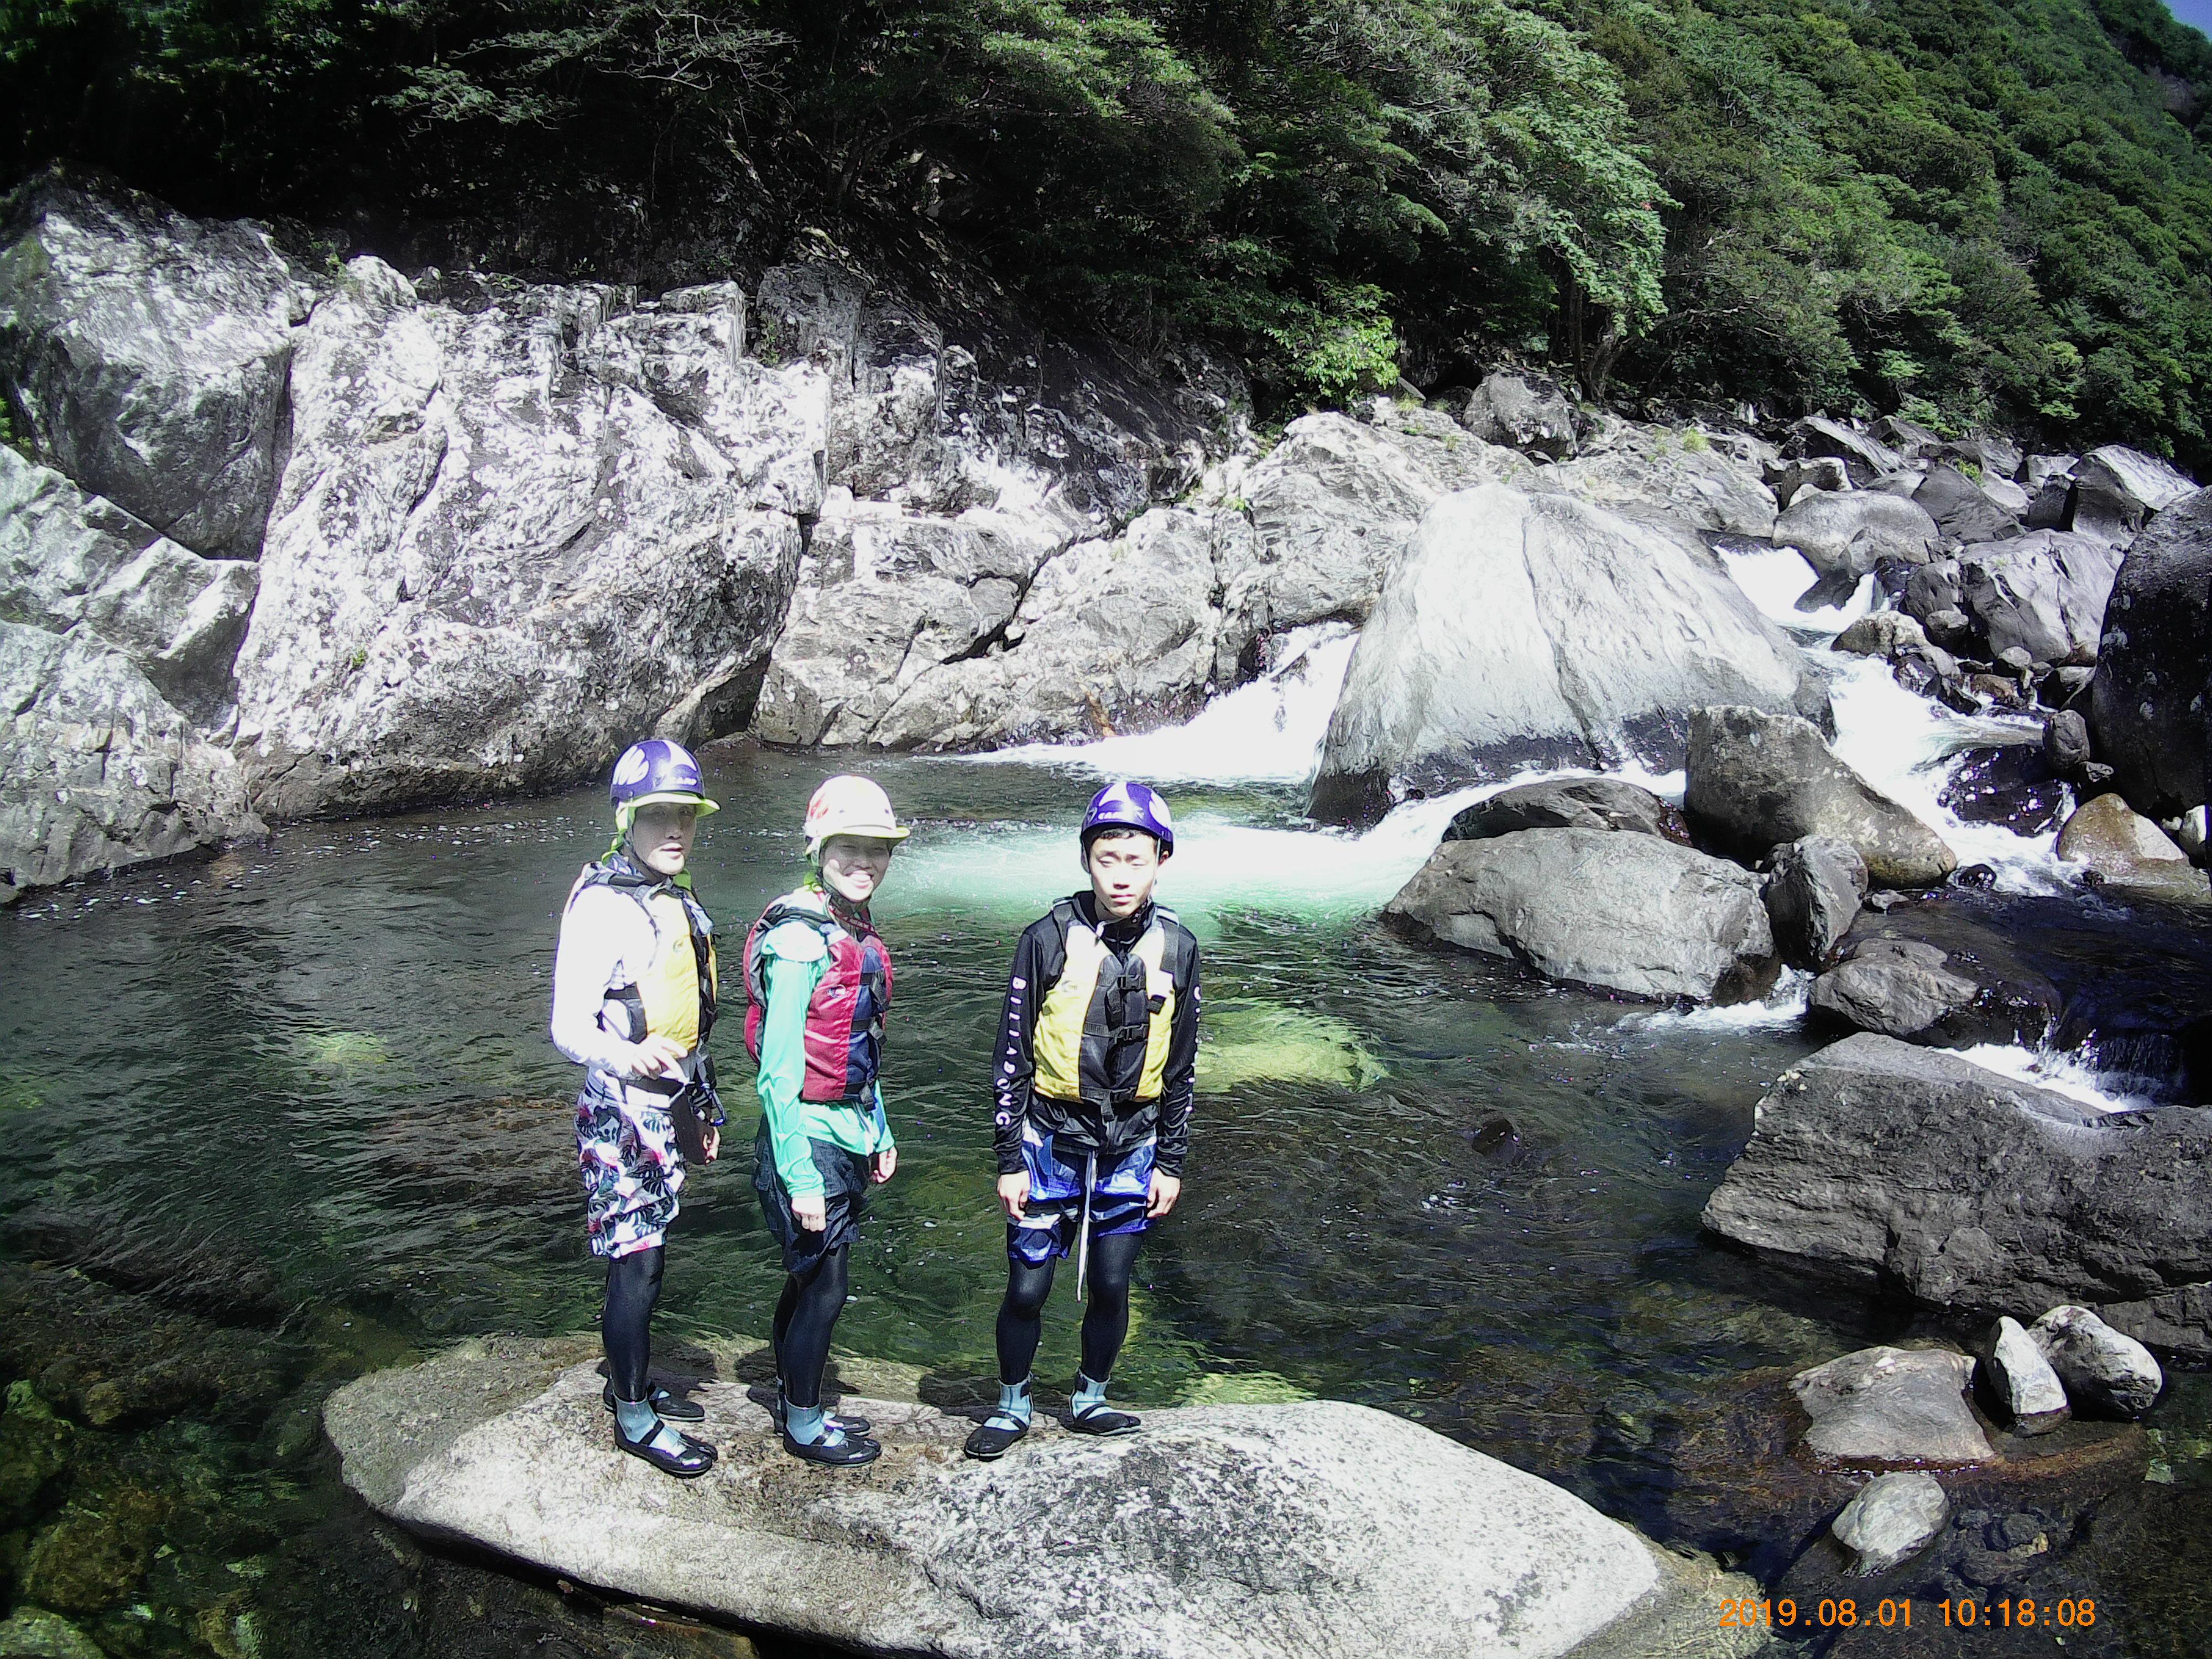 沢登りの途中で撮った家族写真(うしろの水が泡だってまるでメロンソーダのよう)